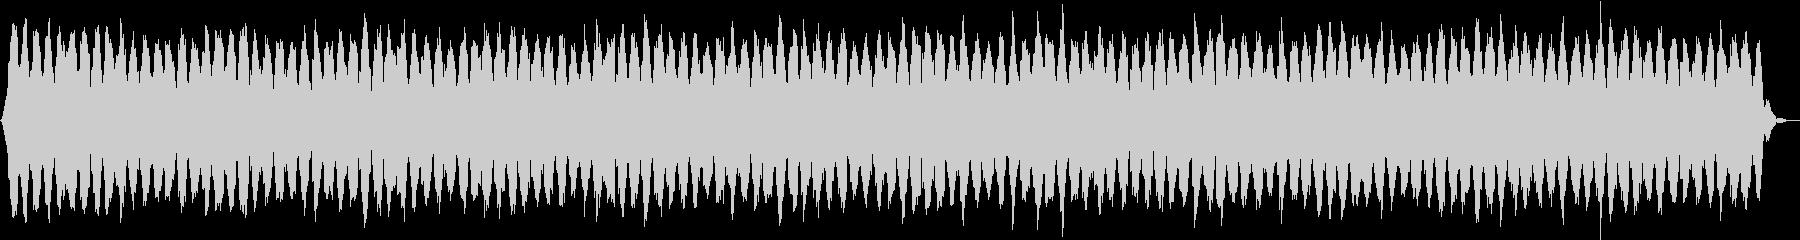 瞑想的な器楽の未再生の波形